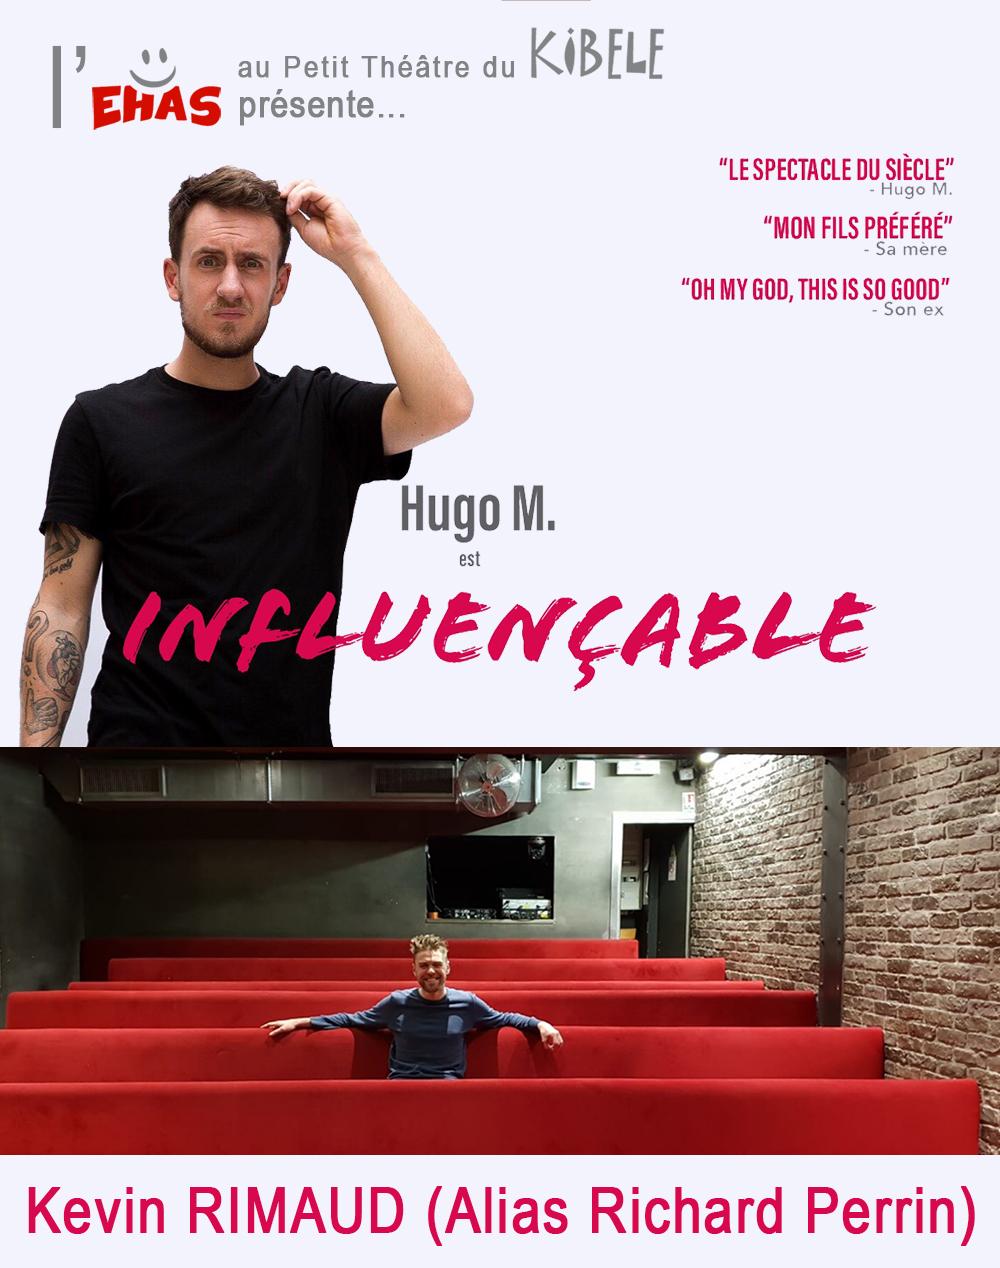 HUGO M. et Kevin RIMAUD, le 28 Mars - Petit Théâtre du Kibélé